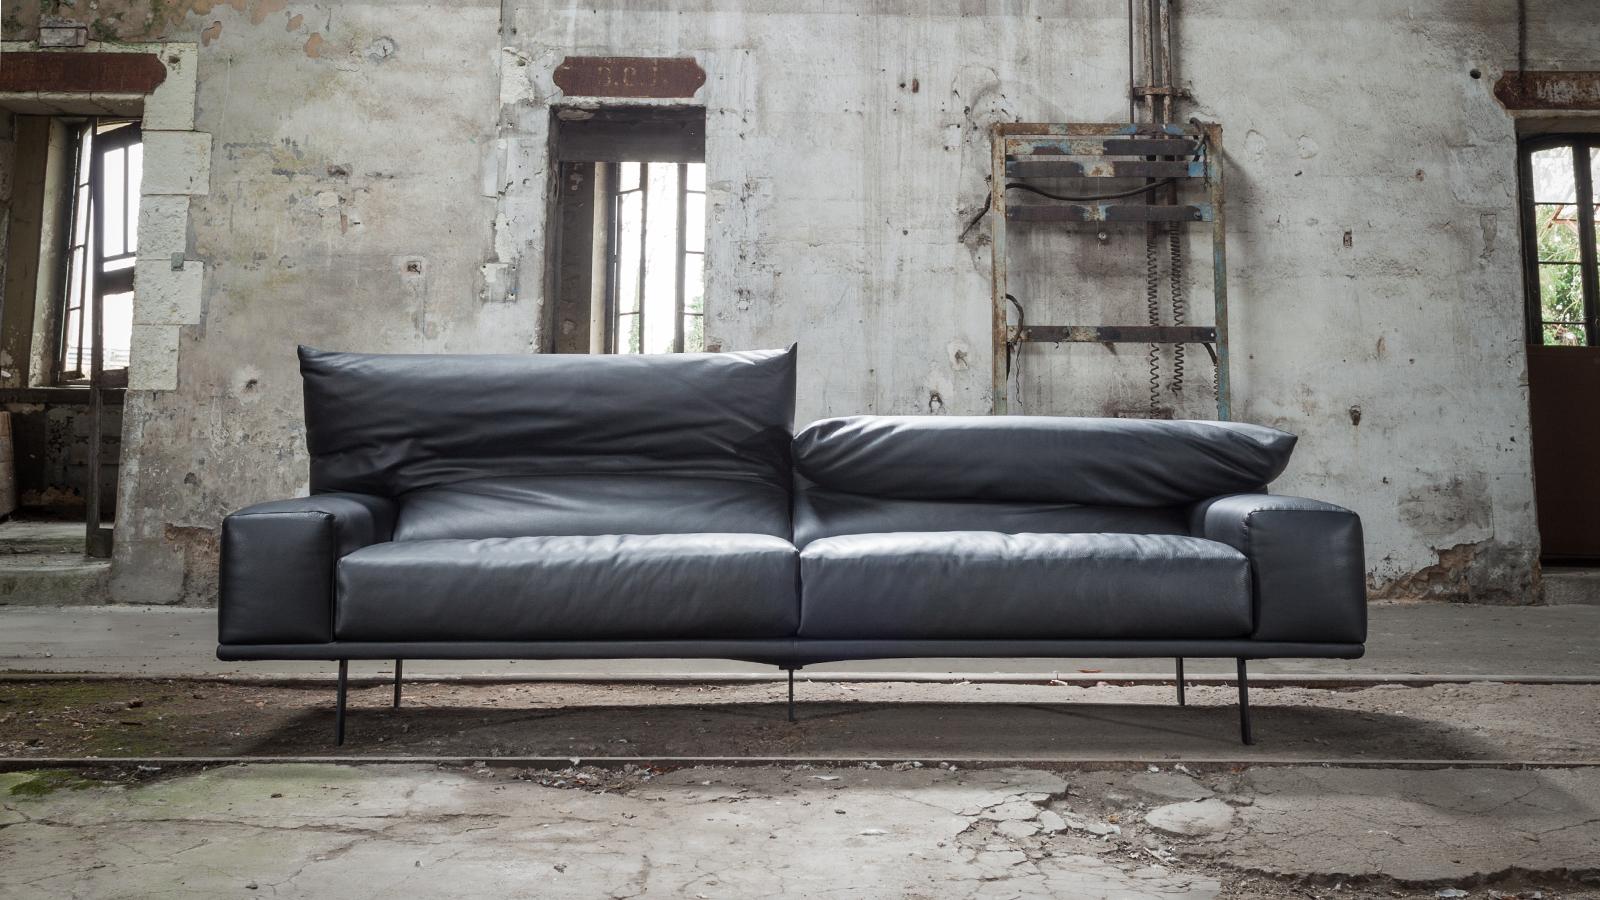 Triss fabriquant de mobilier contemporain haut de gamme - Canape cuir italien contemporain ...